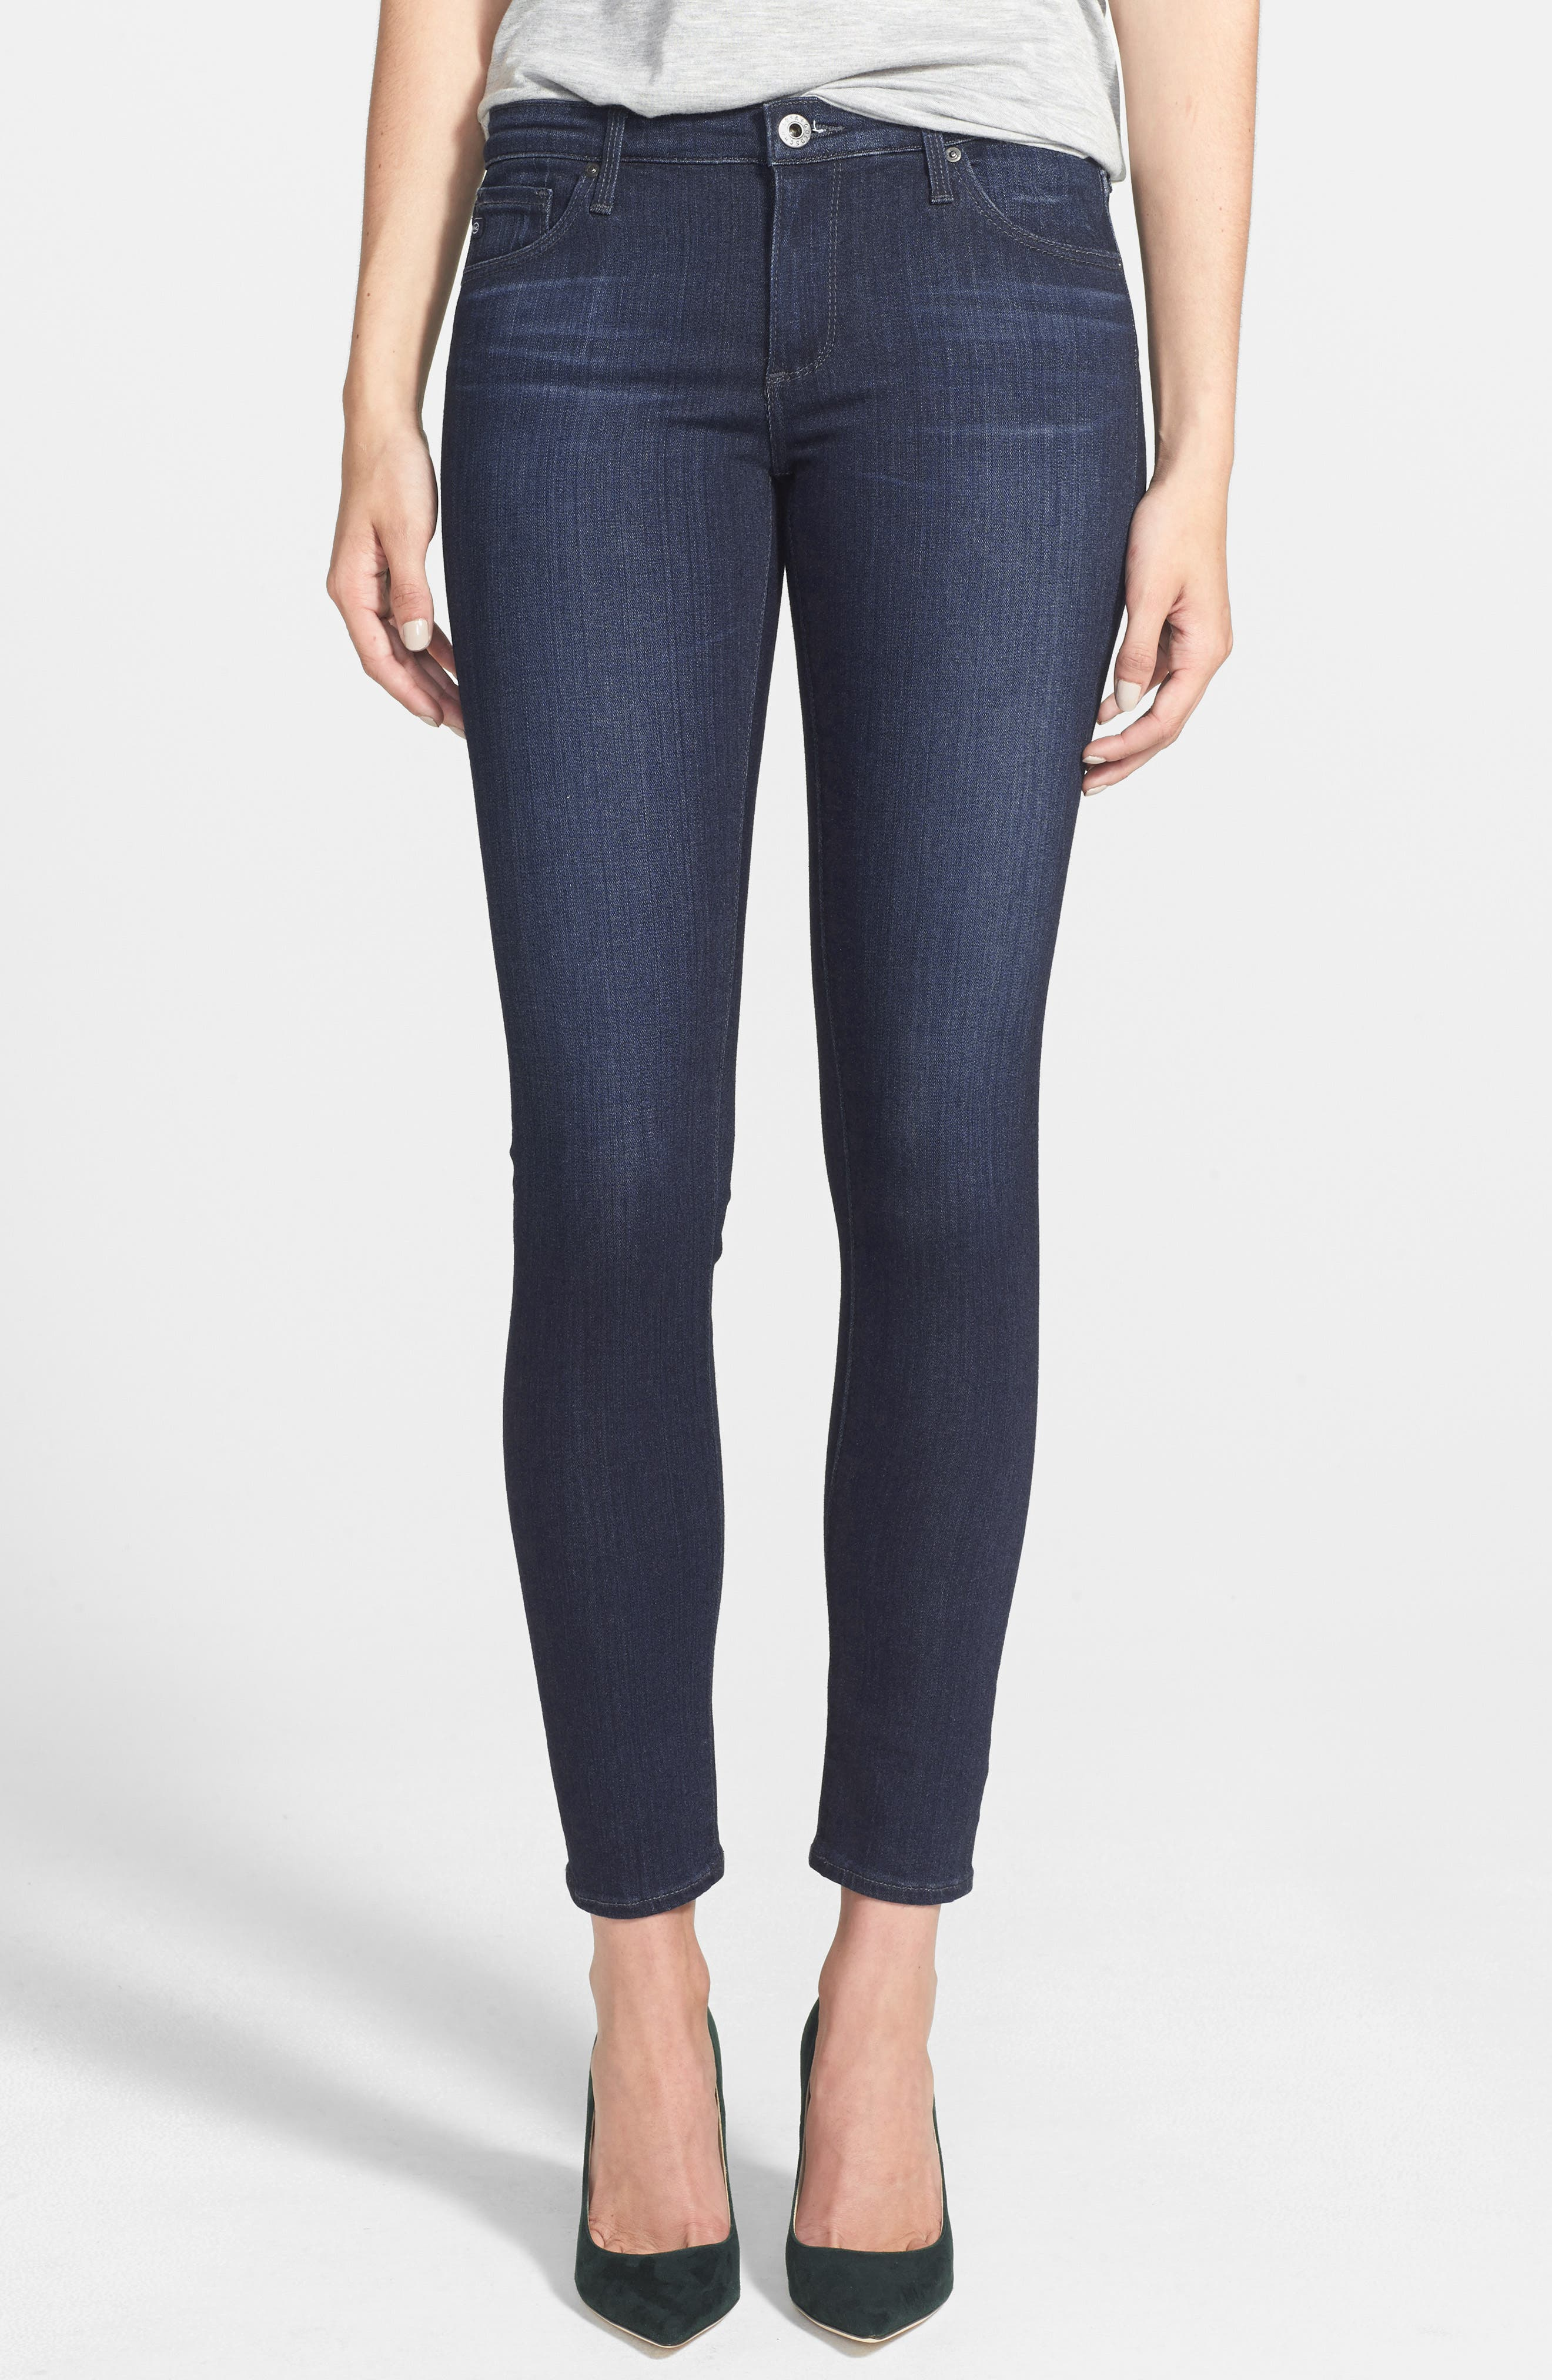 Women's AG The Legging Ankle Super Skinny Jeans